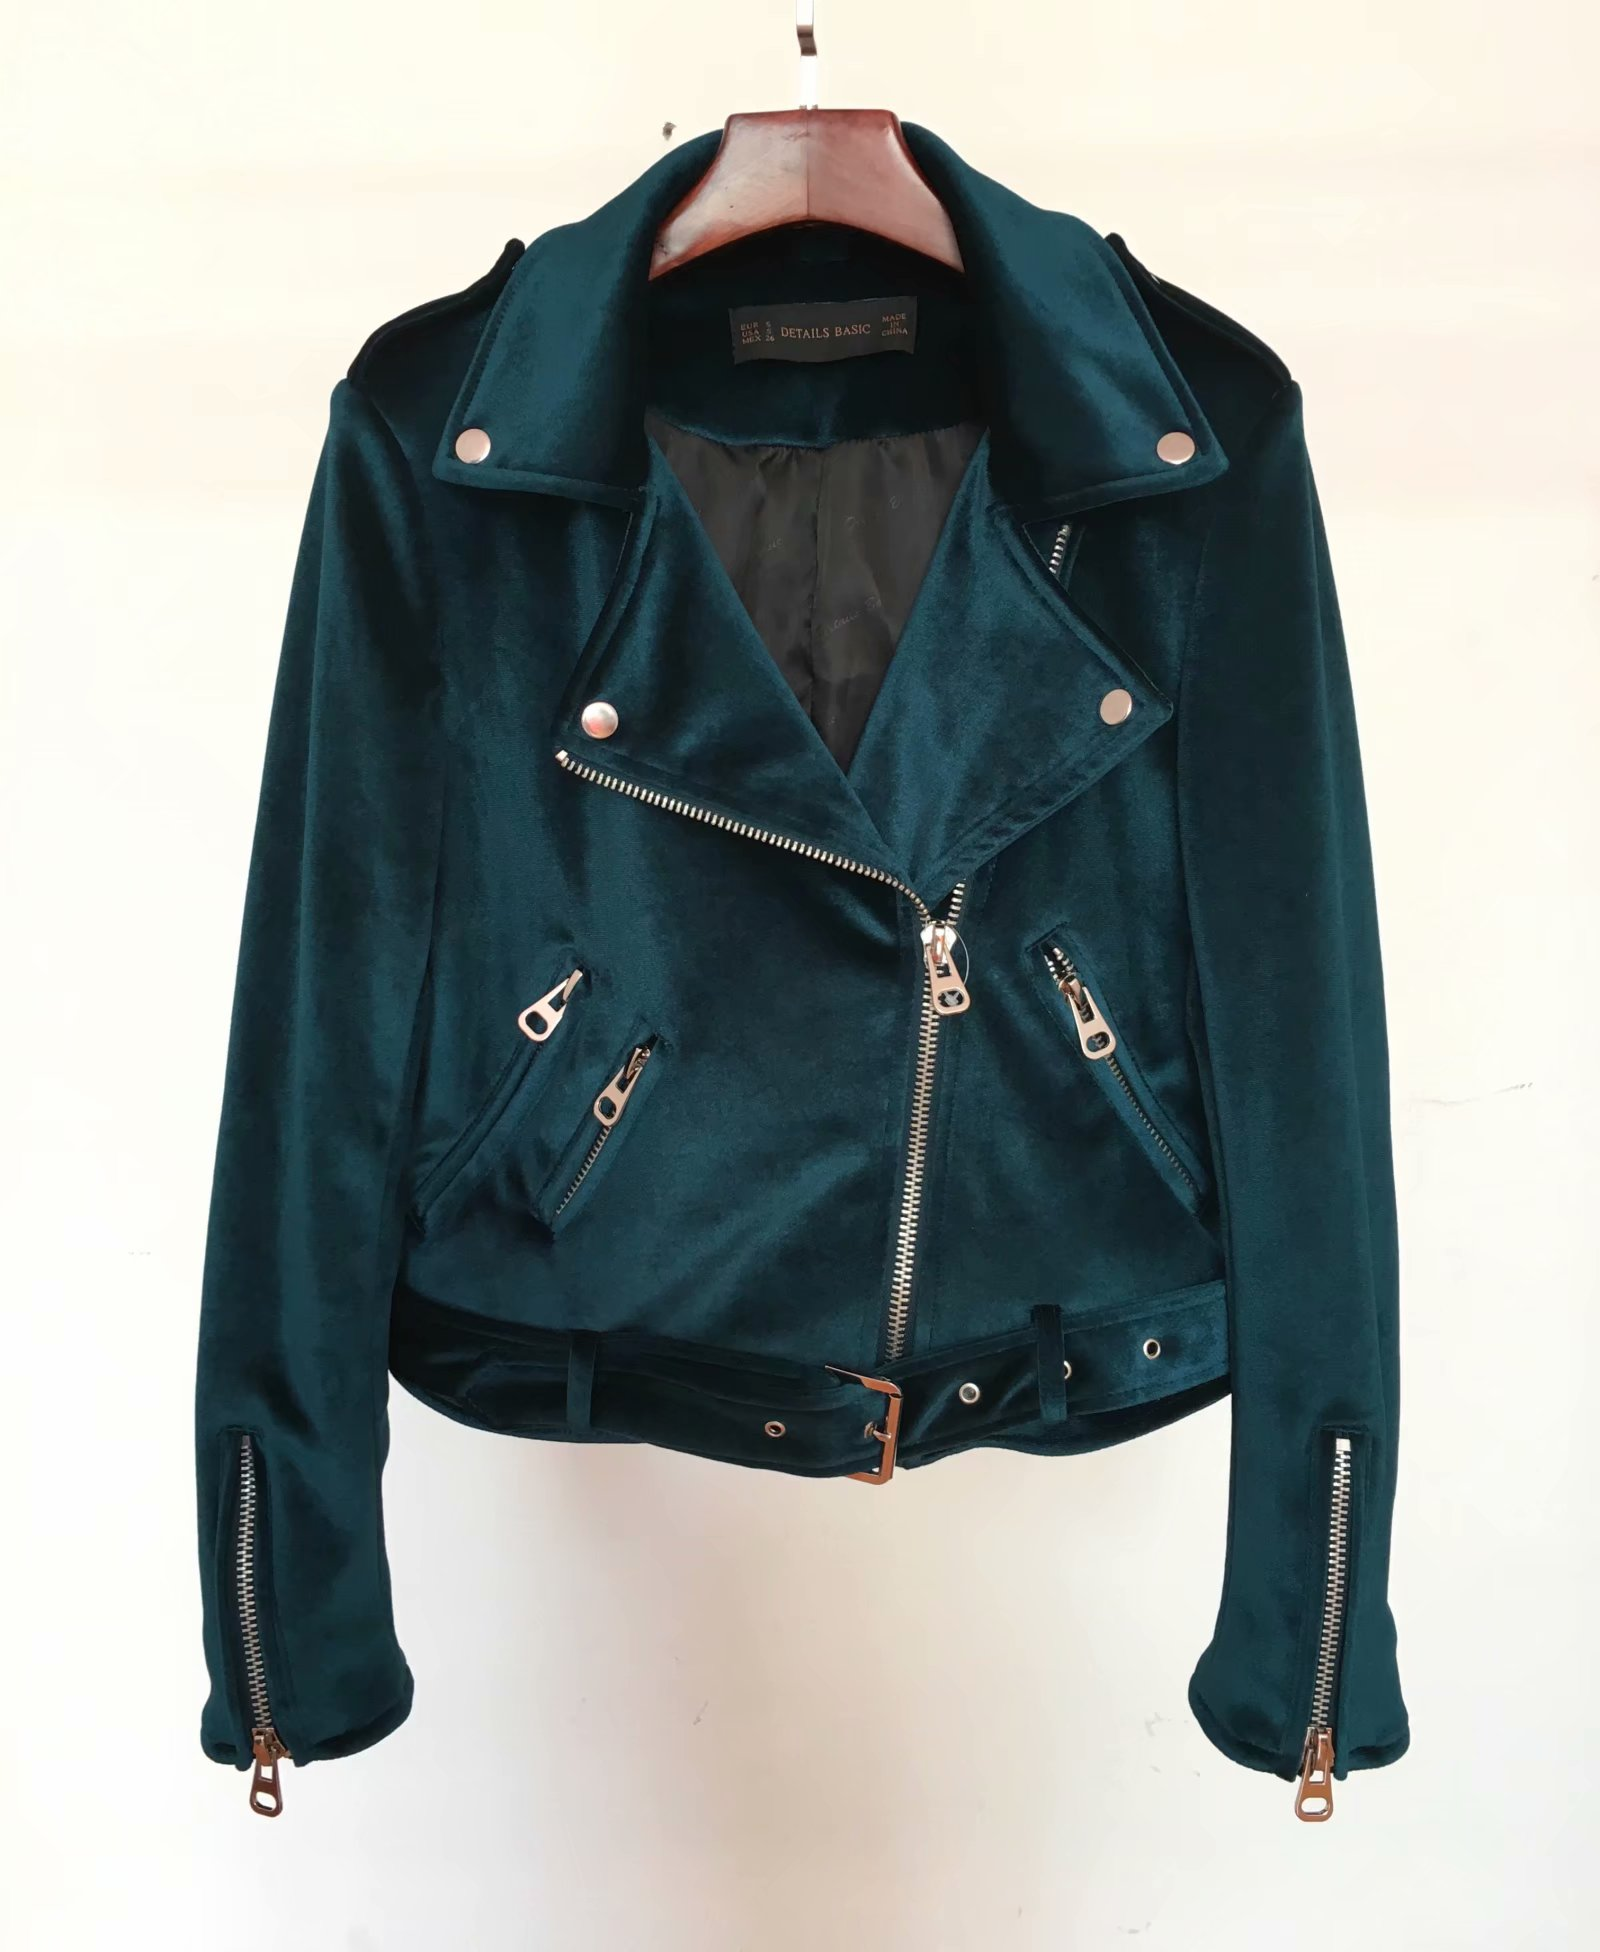 Outwear Sim Bleu Shorts Red Tops Velours Vin Peacoat Motards Fit Moto Punk Wine Femmes De Manteaux Rouge Or Veste green Élégant 7HZxOqg